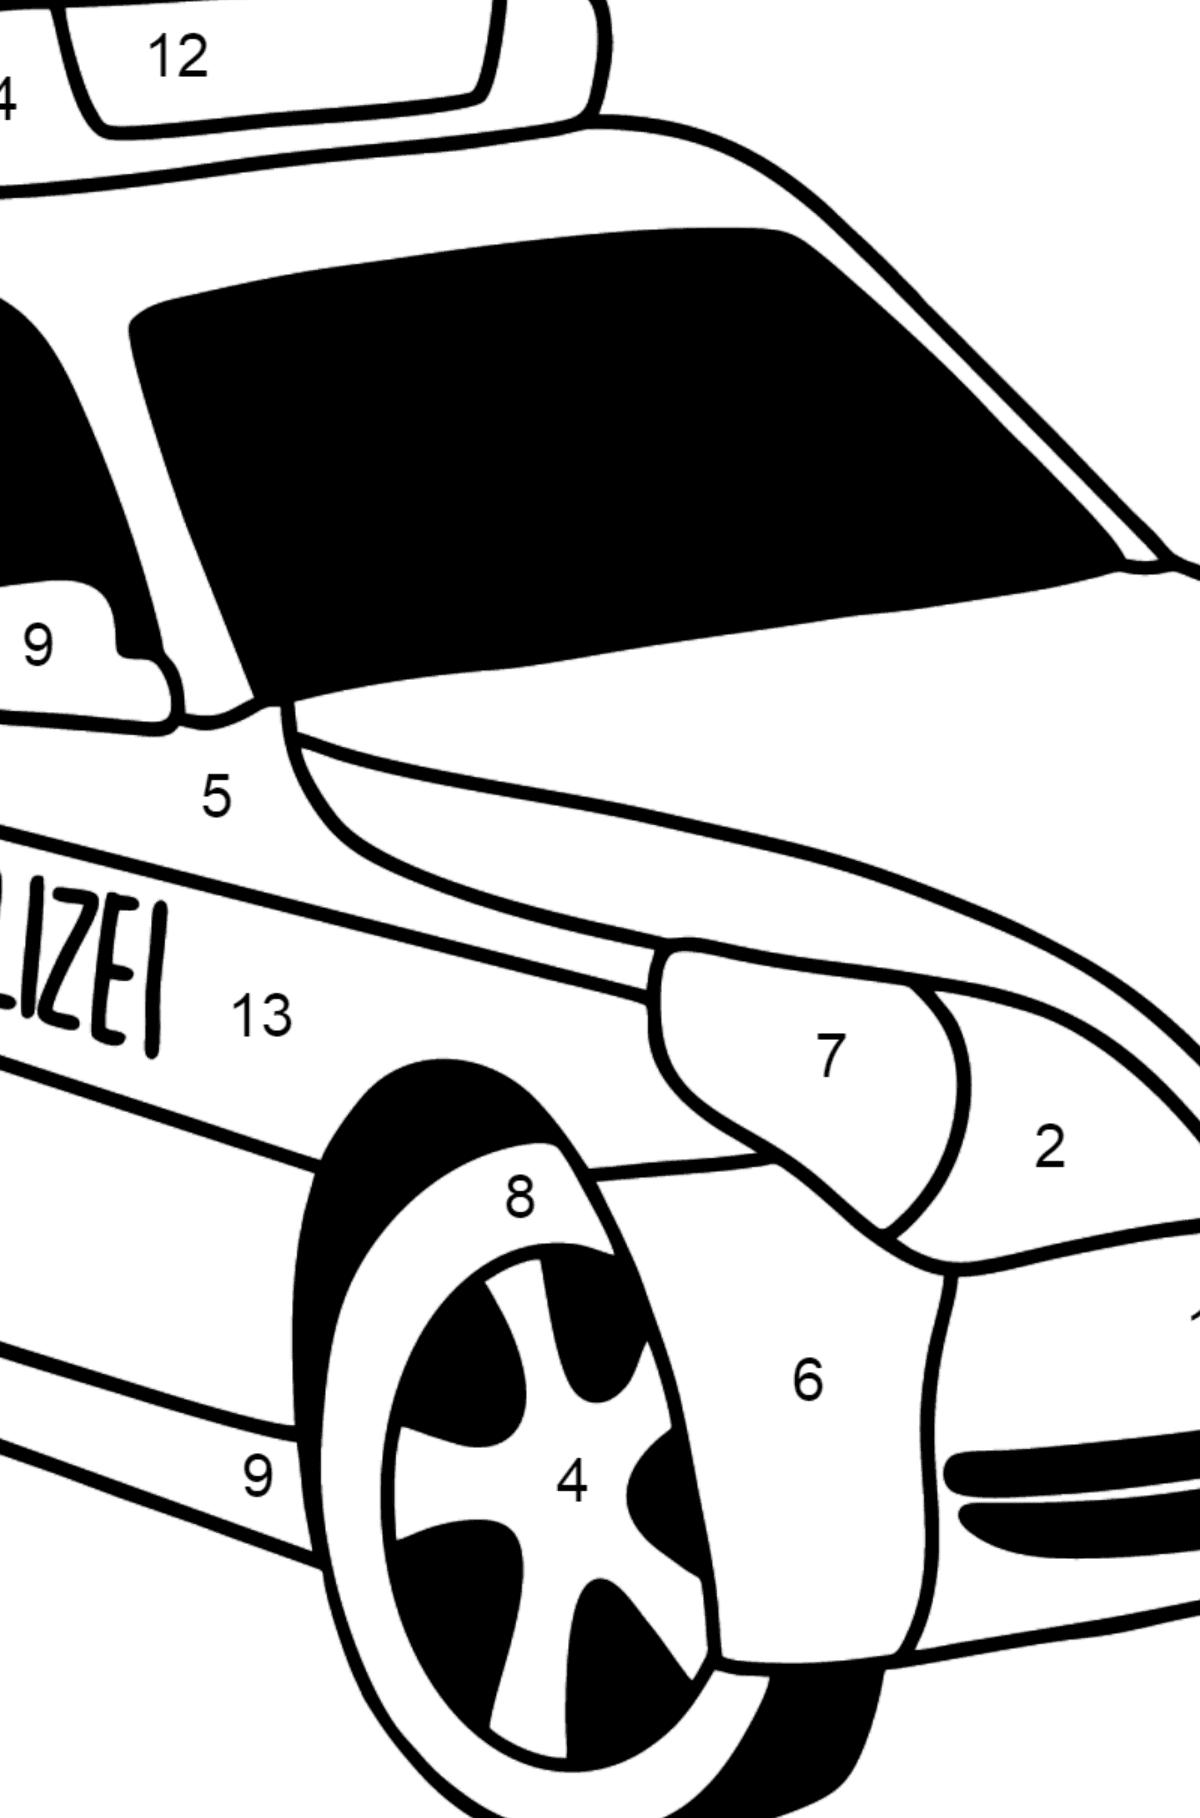 Coloriage - Voiture de police en Allemagne - Coloriage par Chiffres pour les Enfants